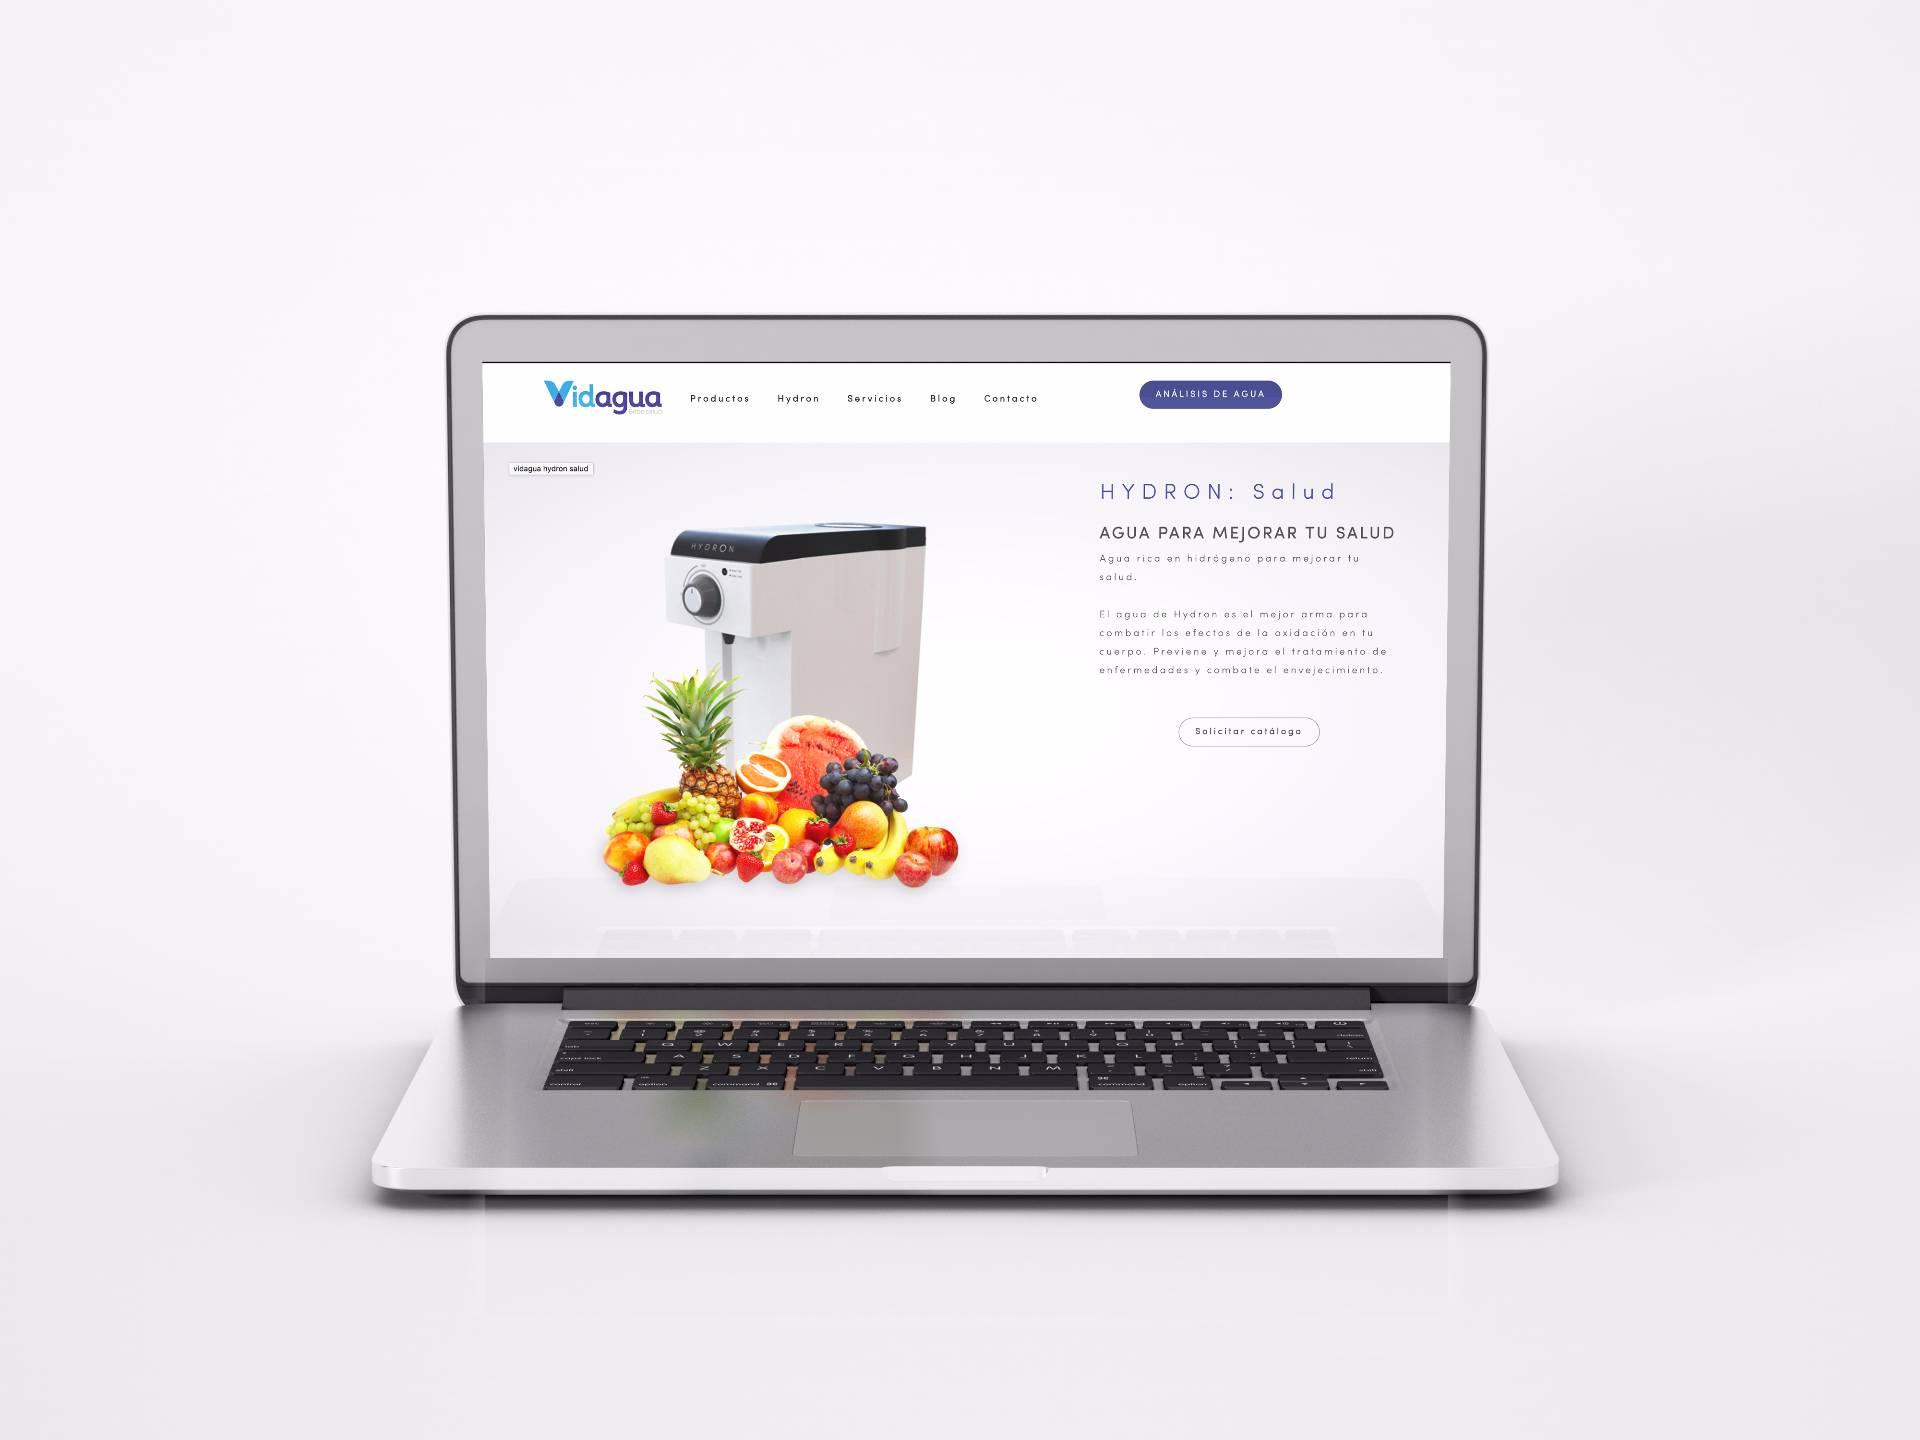 laptop proyecto vidagua